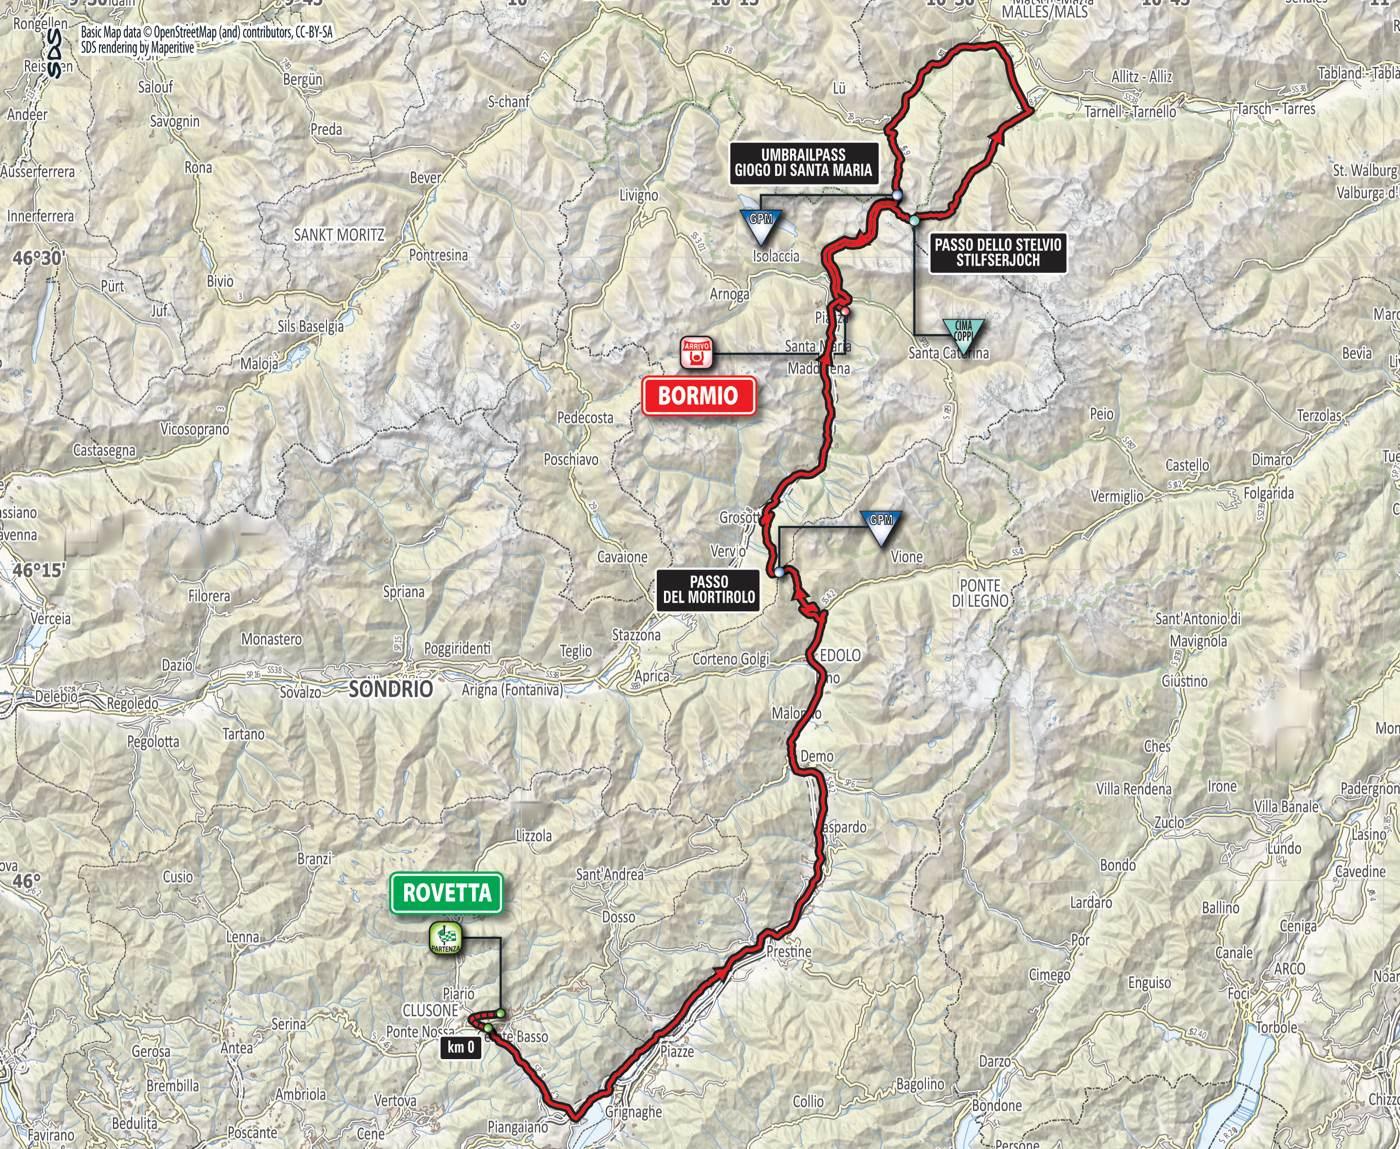 Giro d'Itaila 2017 Etappe Rovetta - Bormio / Karte